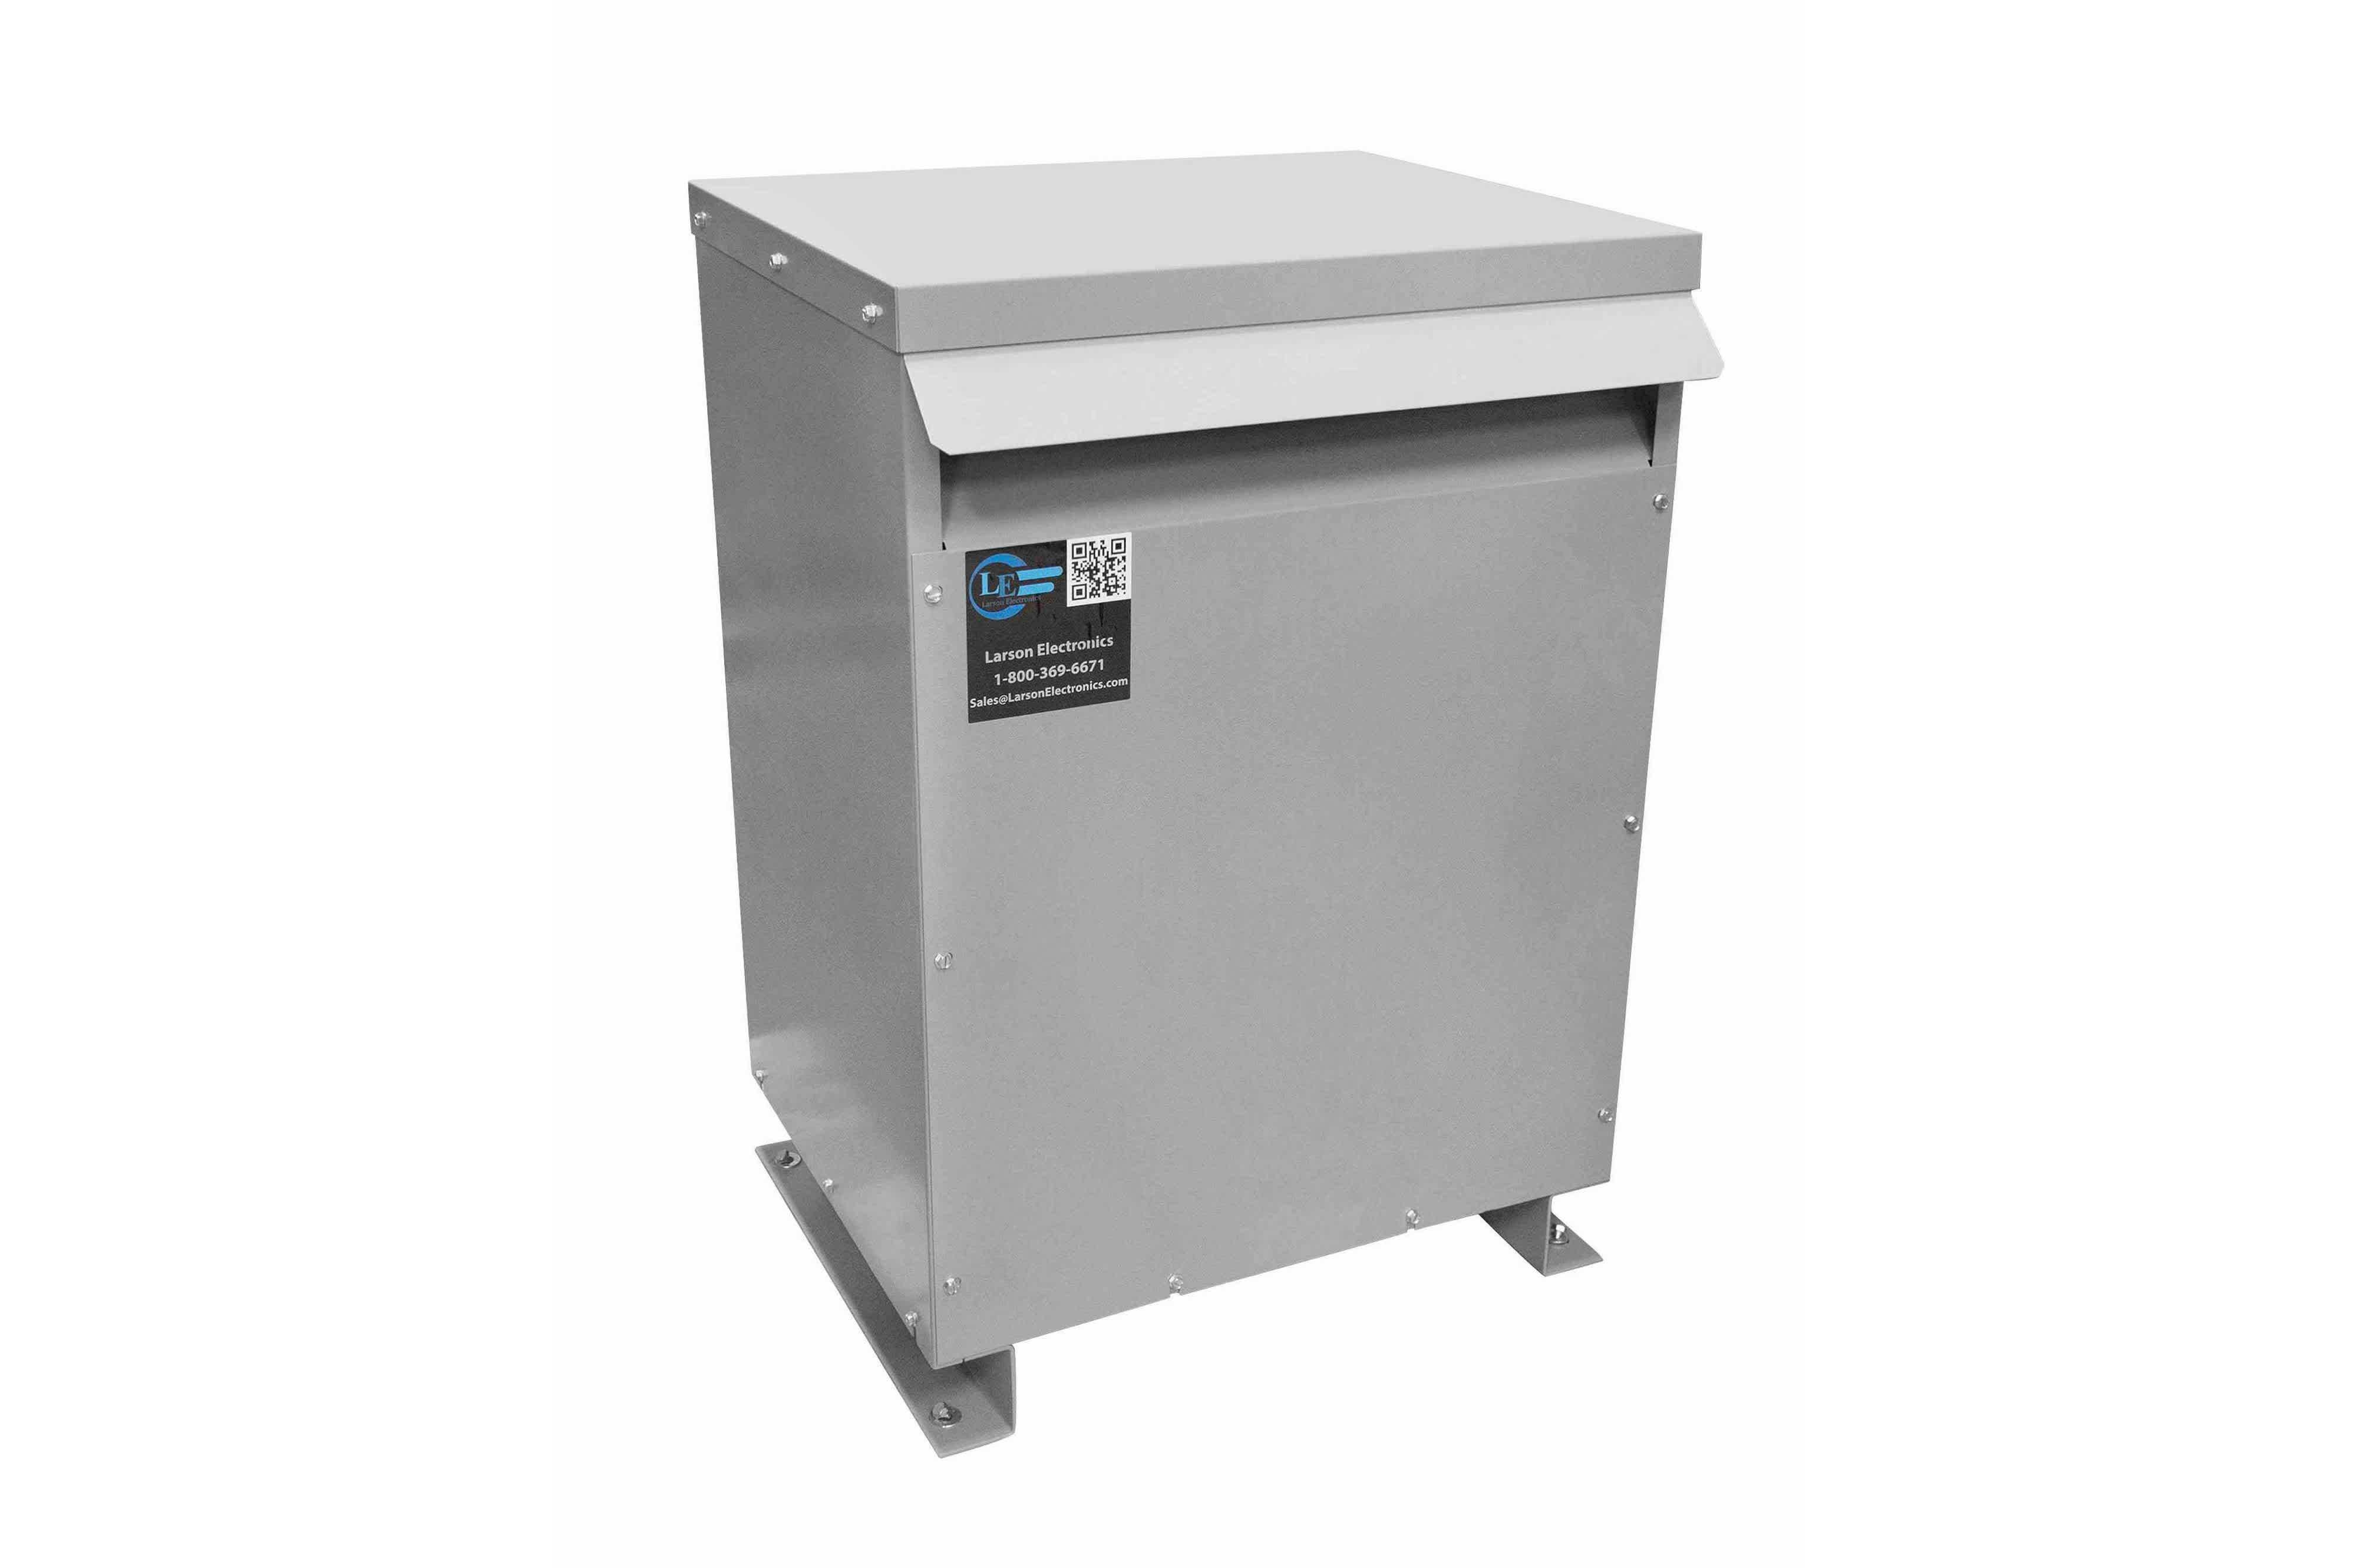 137.5 kVA 3PH Isolation Transformer, 400V Delta Primary, 240 Delta Secondary, N3R, Ventilated, 60 Hz